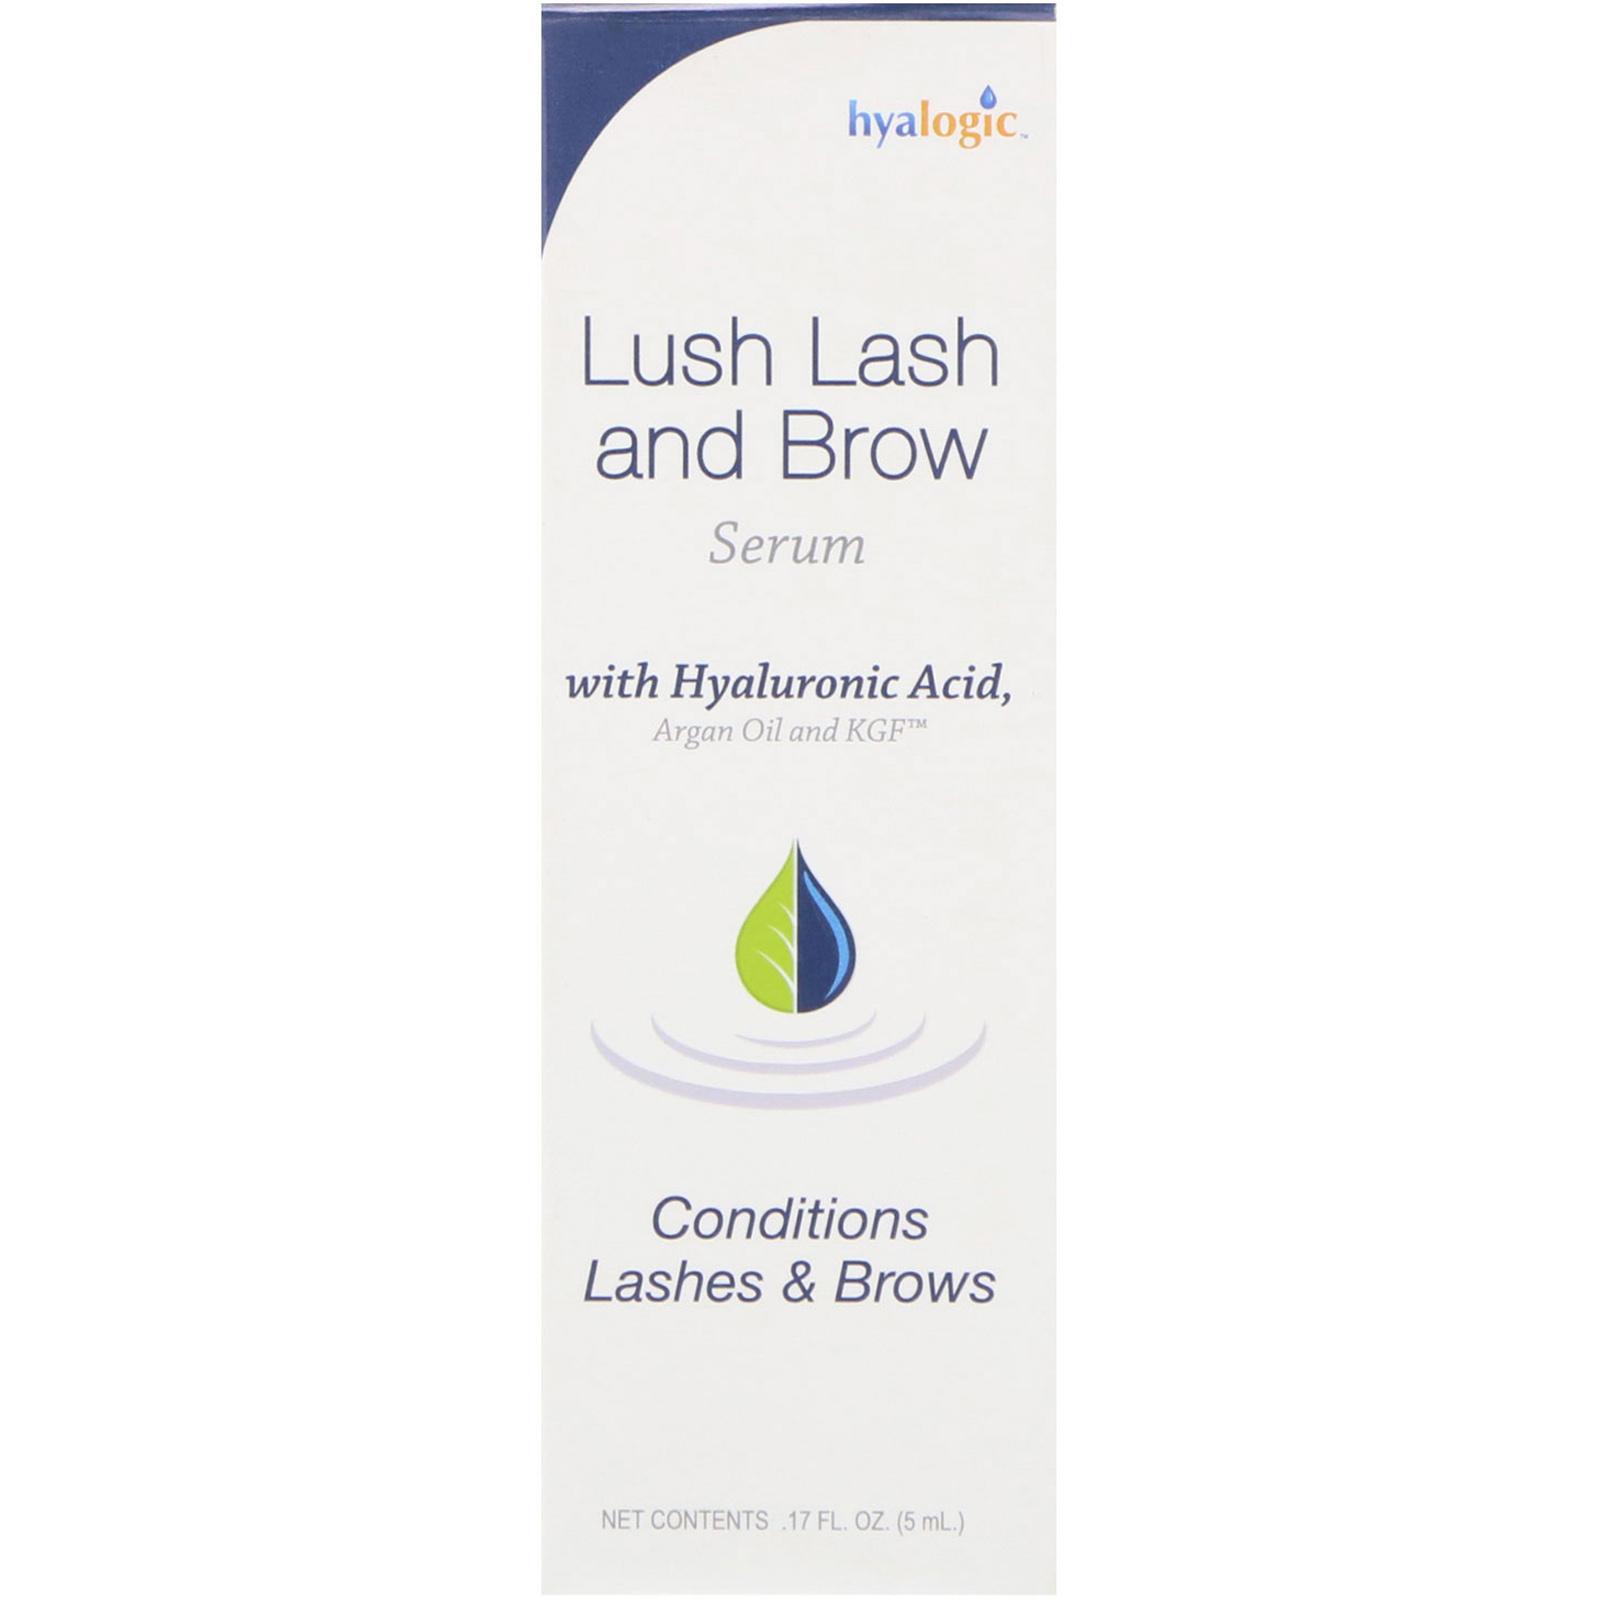 bcd719aba2b Hyalogic LLC Lush Lash and Brow Serum 17 fl oz 5 ml 858259000537 | eBay